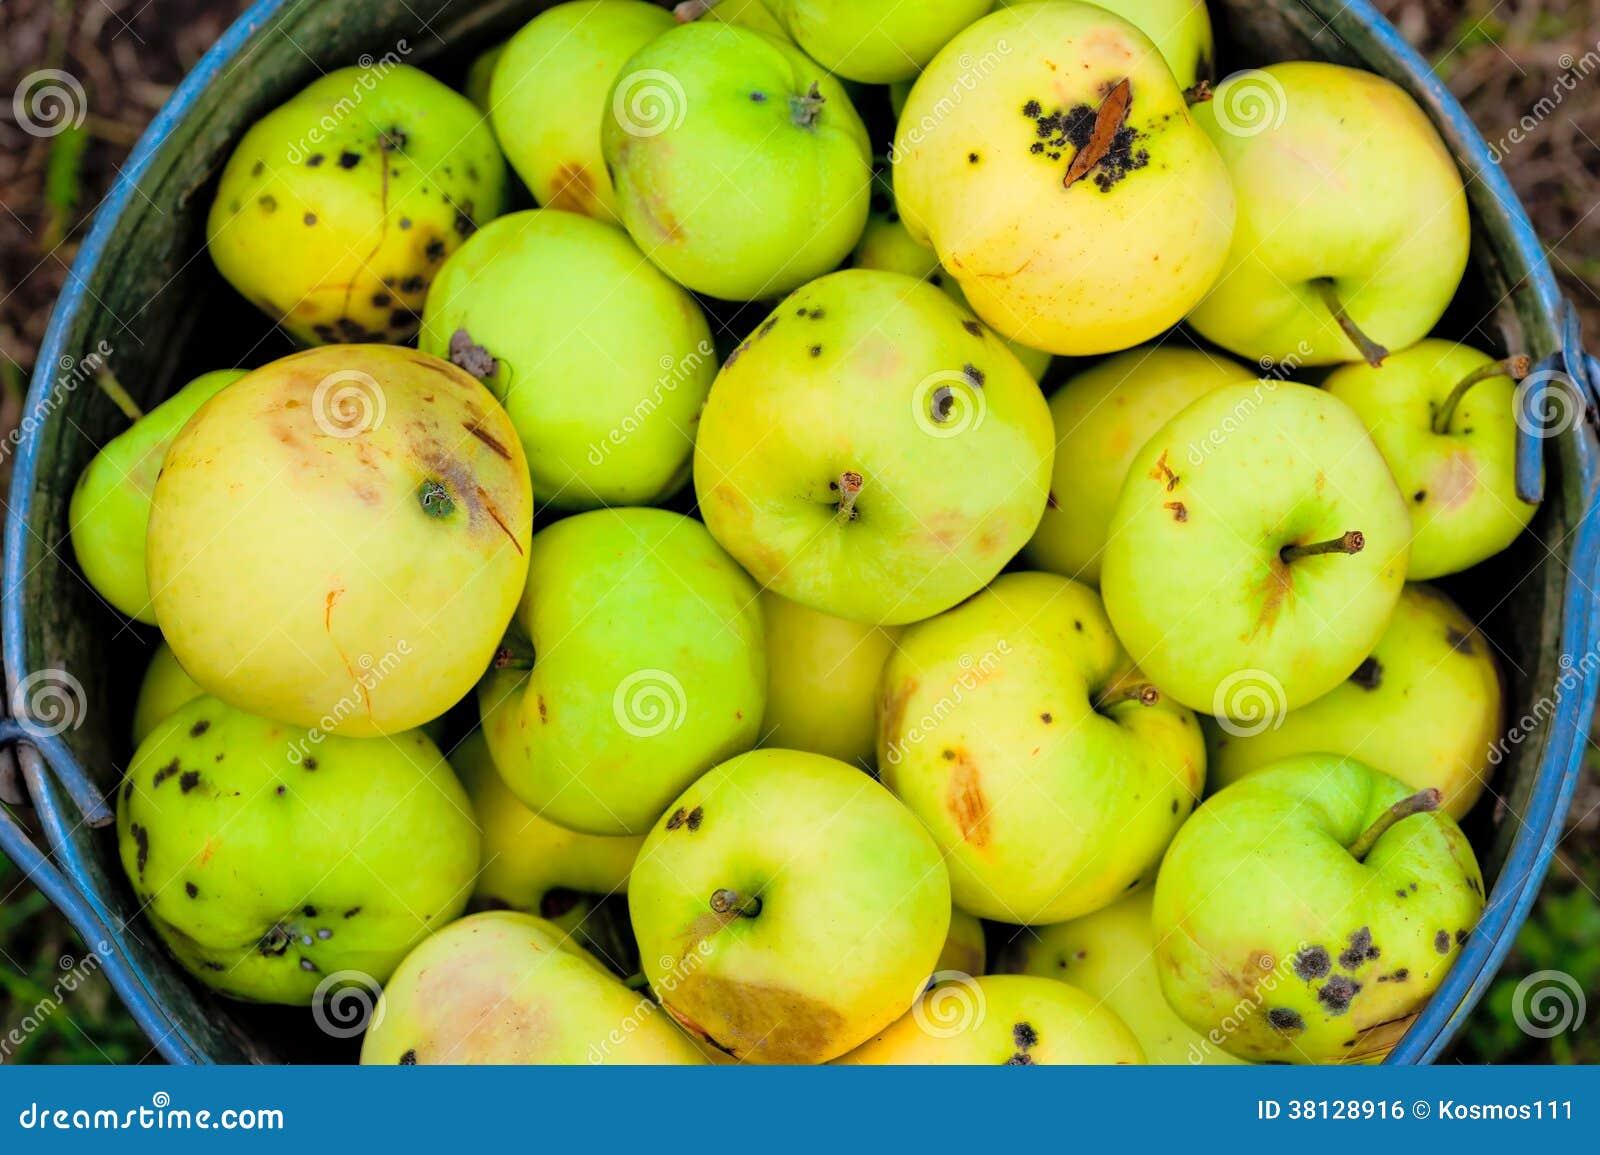 Harvest broken and bad apples in bucket